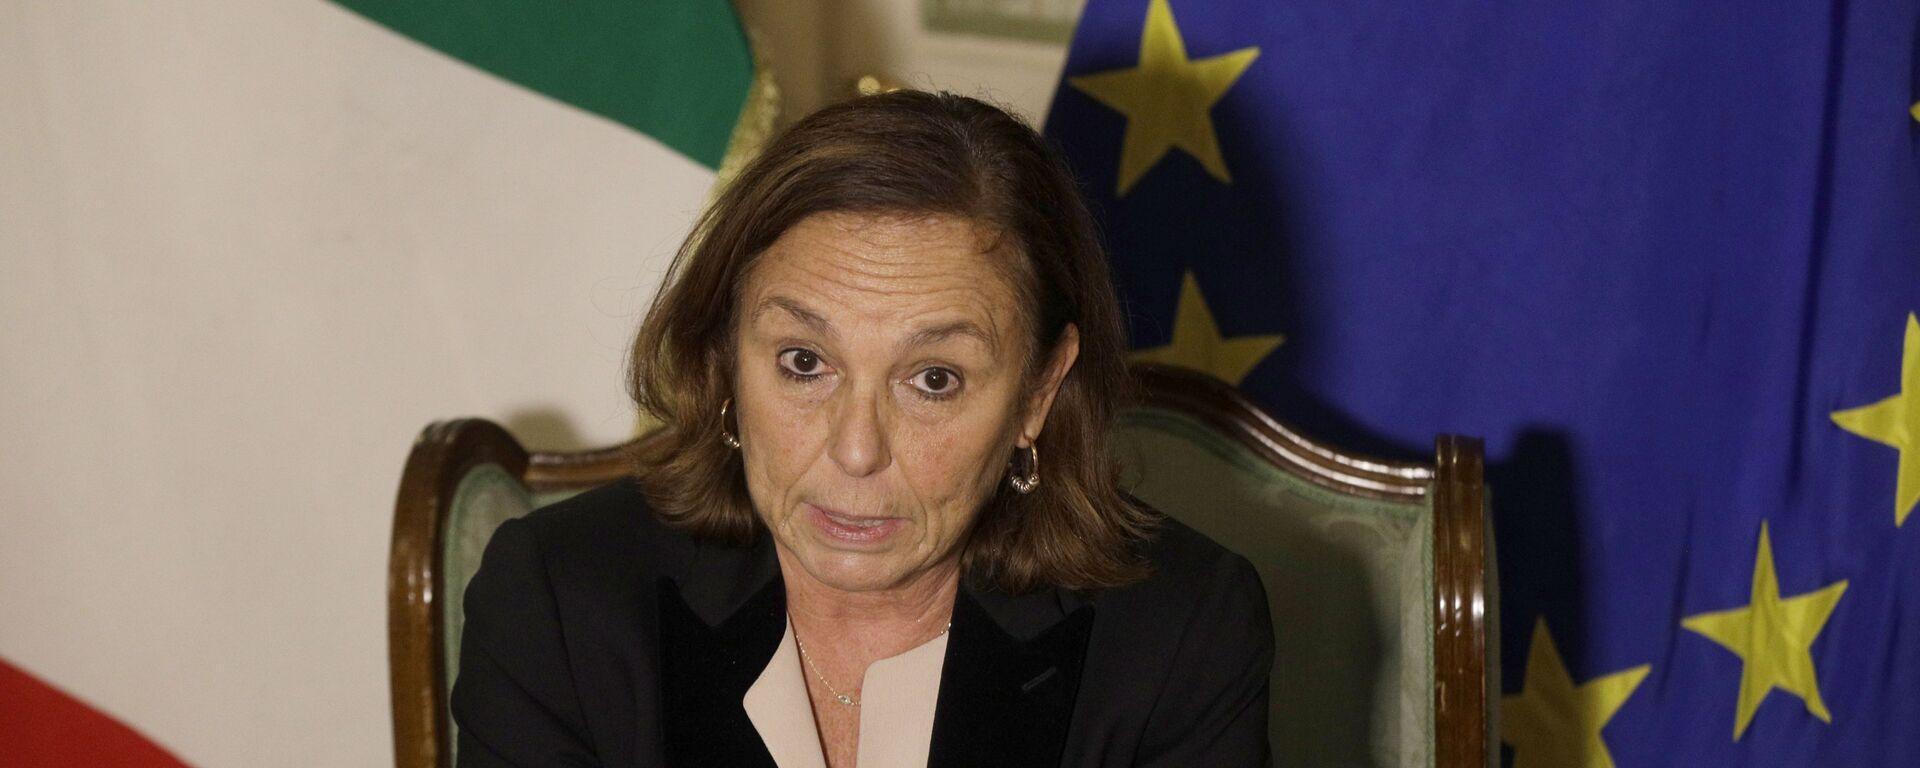 Luciana Lamorgese, ministra dell'Interno - Sputnik Italia, 1920, 16.08.2021